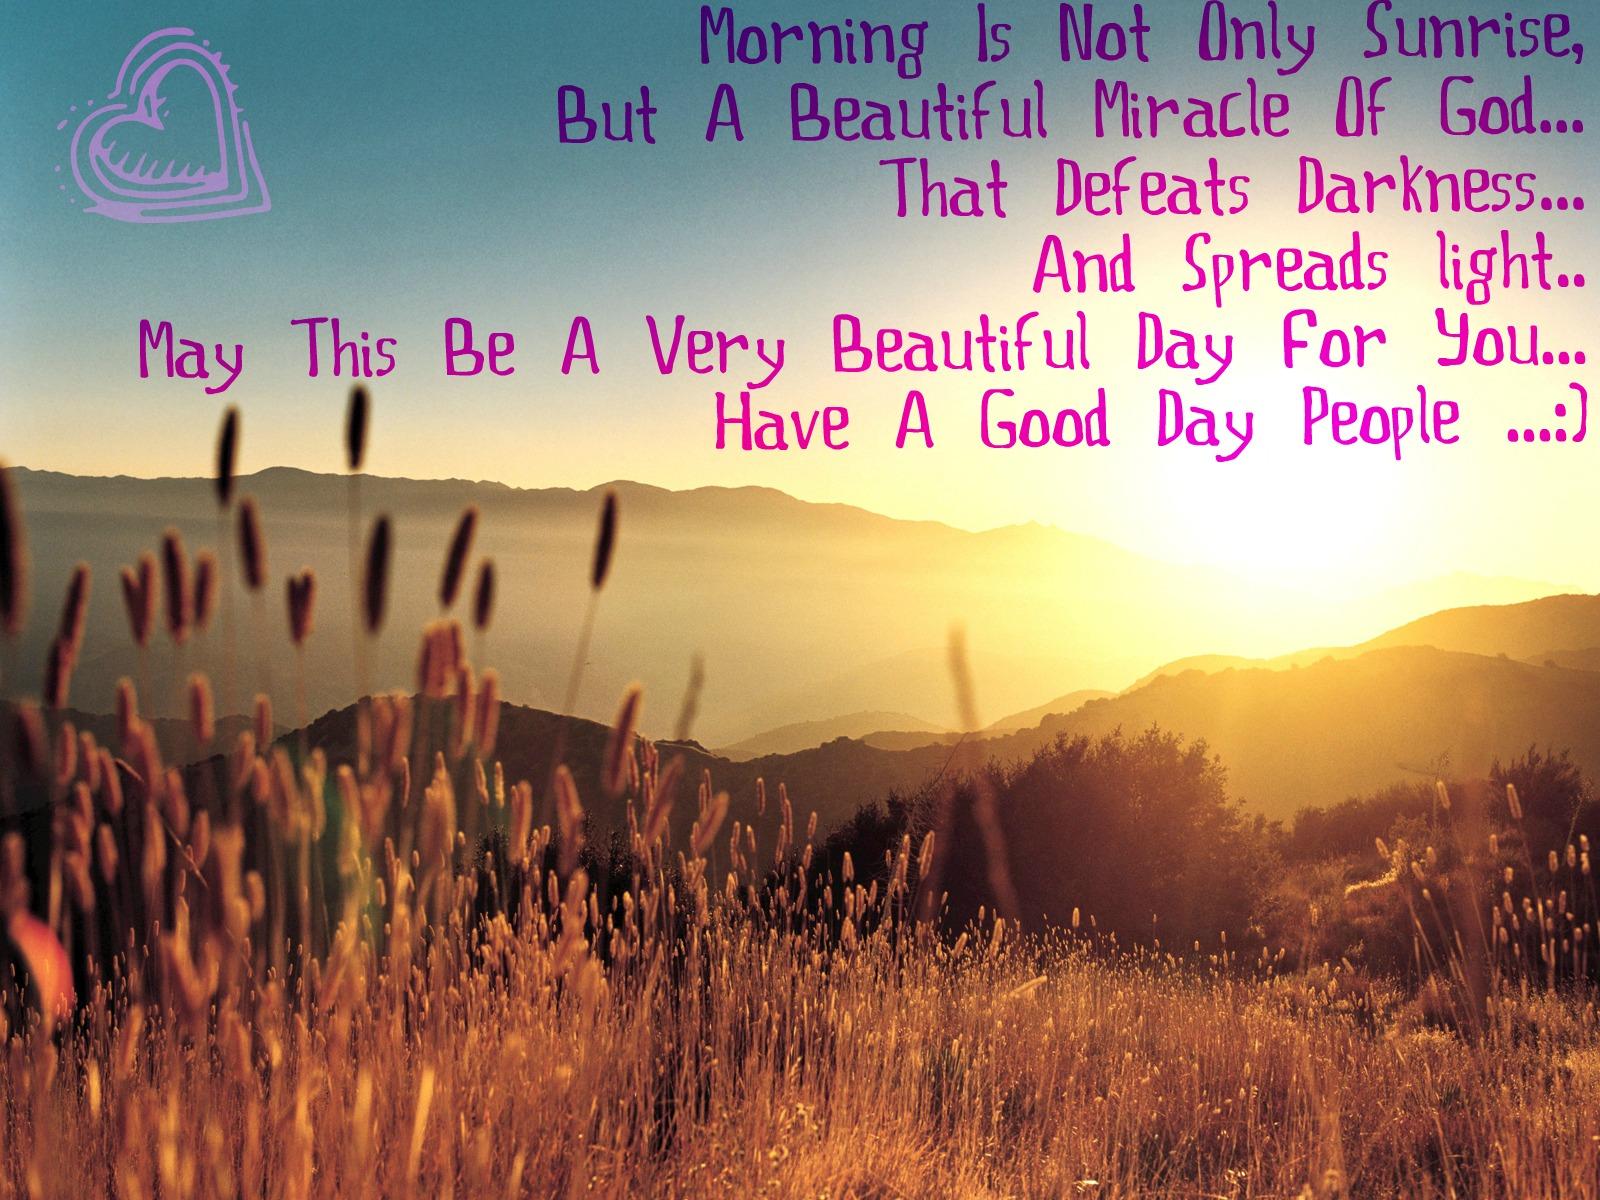 Beautiful Sunrise Quotes. QuotesGram